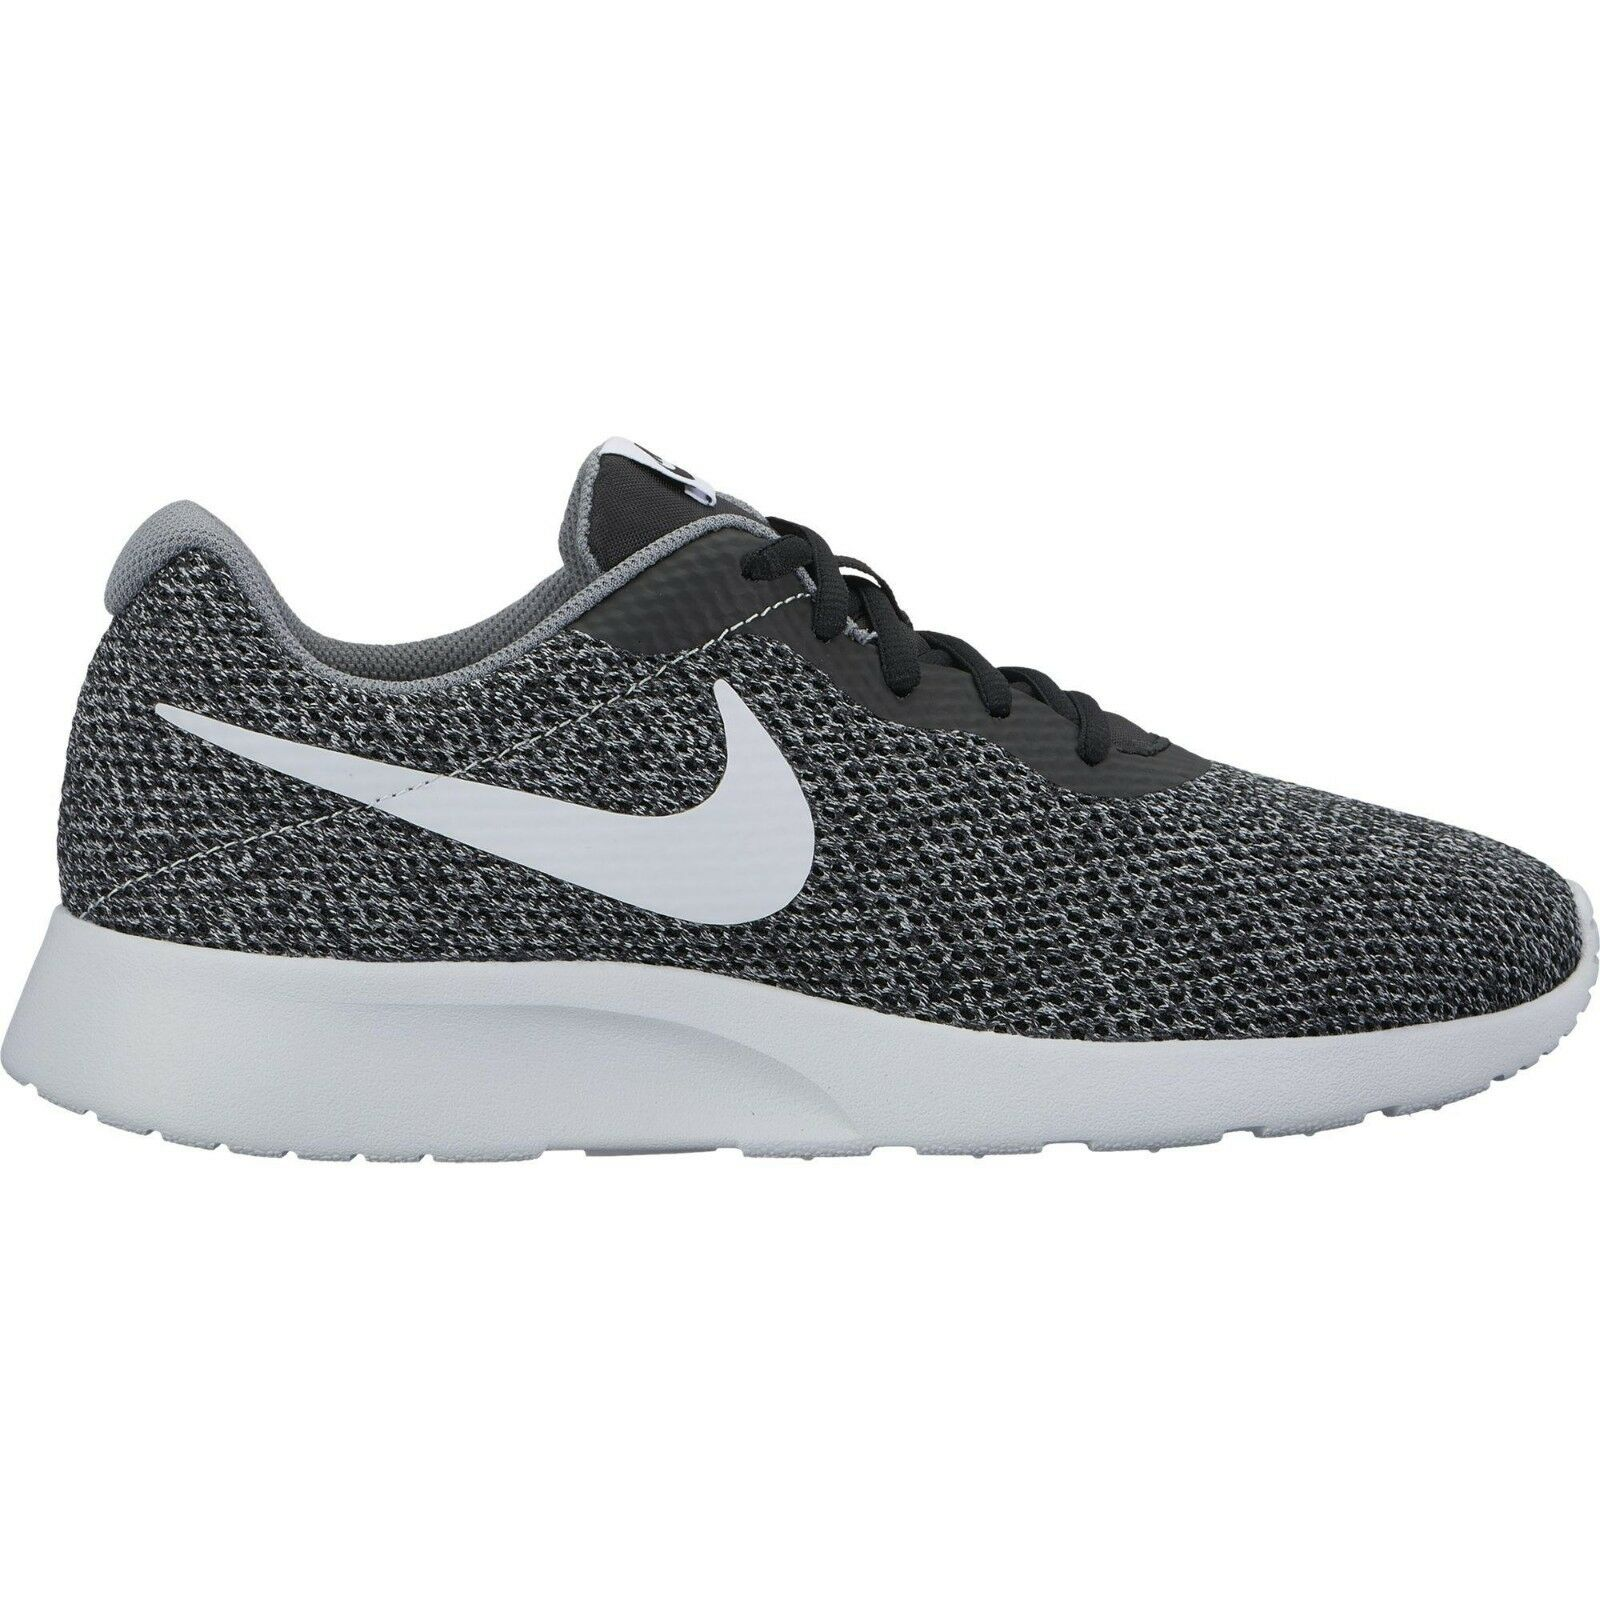 Nike Tanjun SE Black Pure Platinum Cool Grey Mens Running shoes